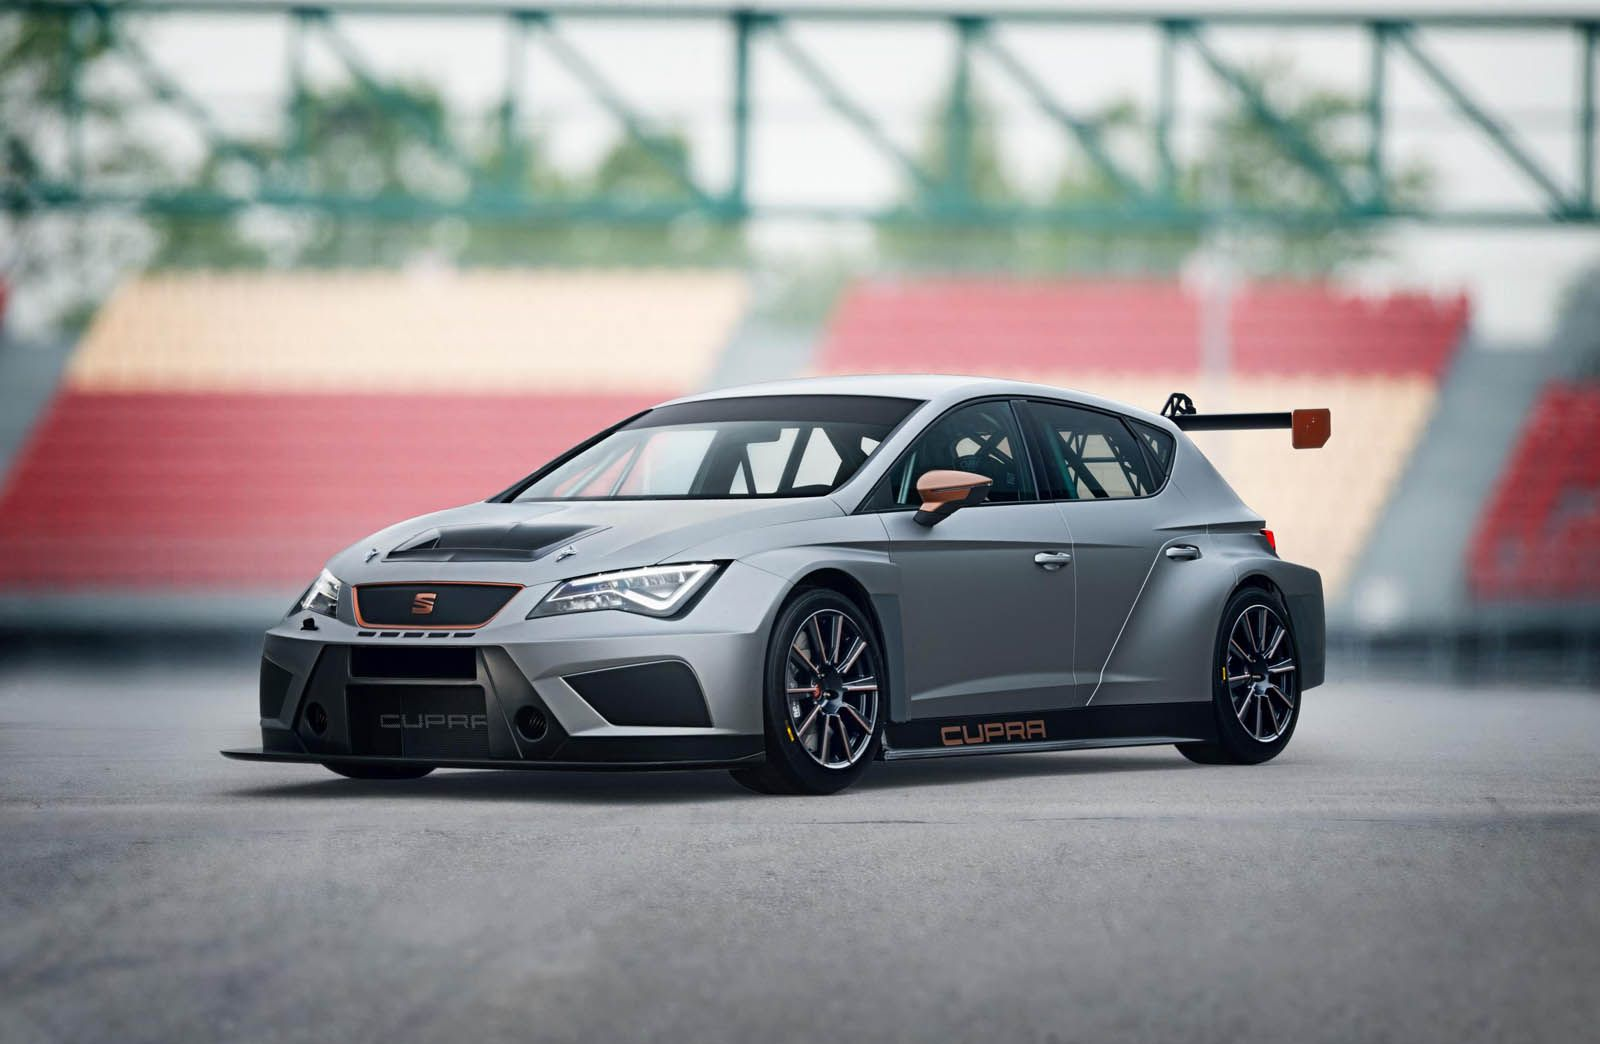 Seat S Bringing This Sick New Leon Cupra Evo 17 Racer To Geneva Carscoops Car Seat Leon Seat Cupra [ 1044 x 1600 Pixel ]